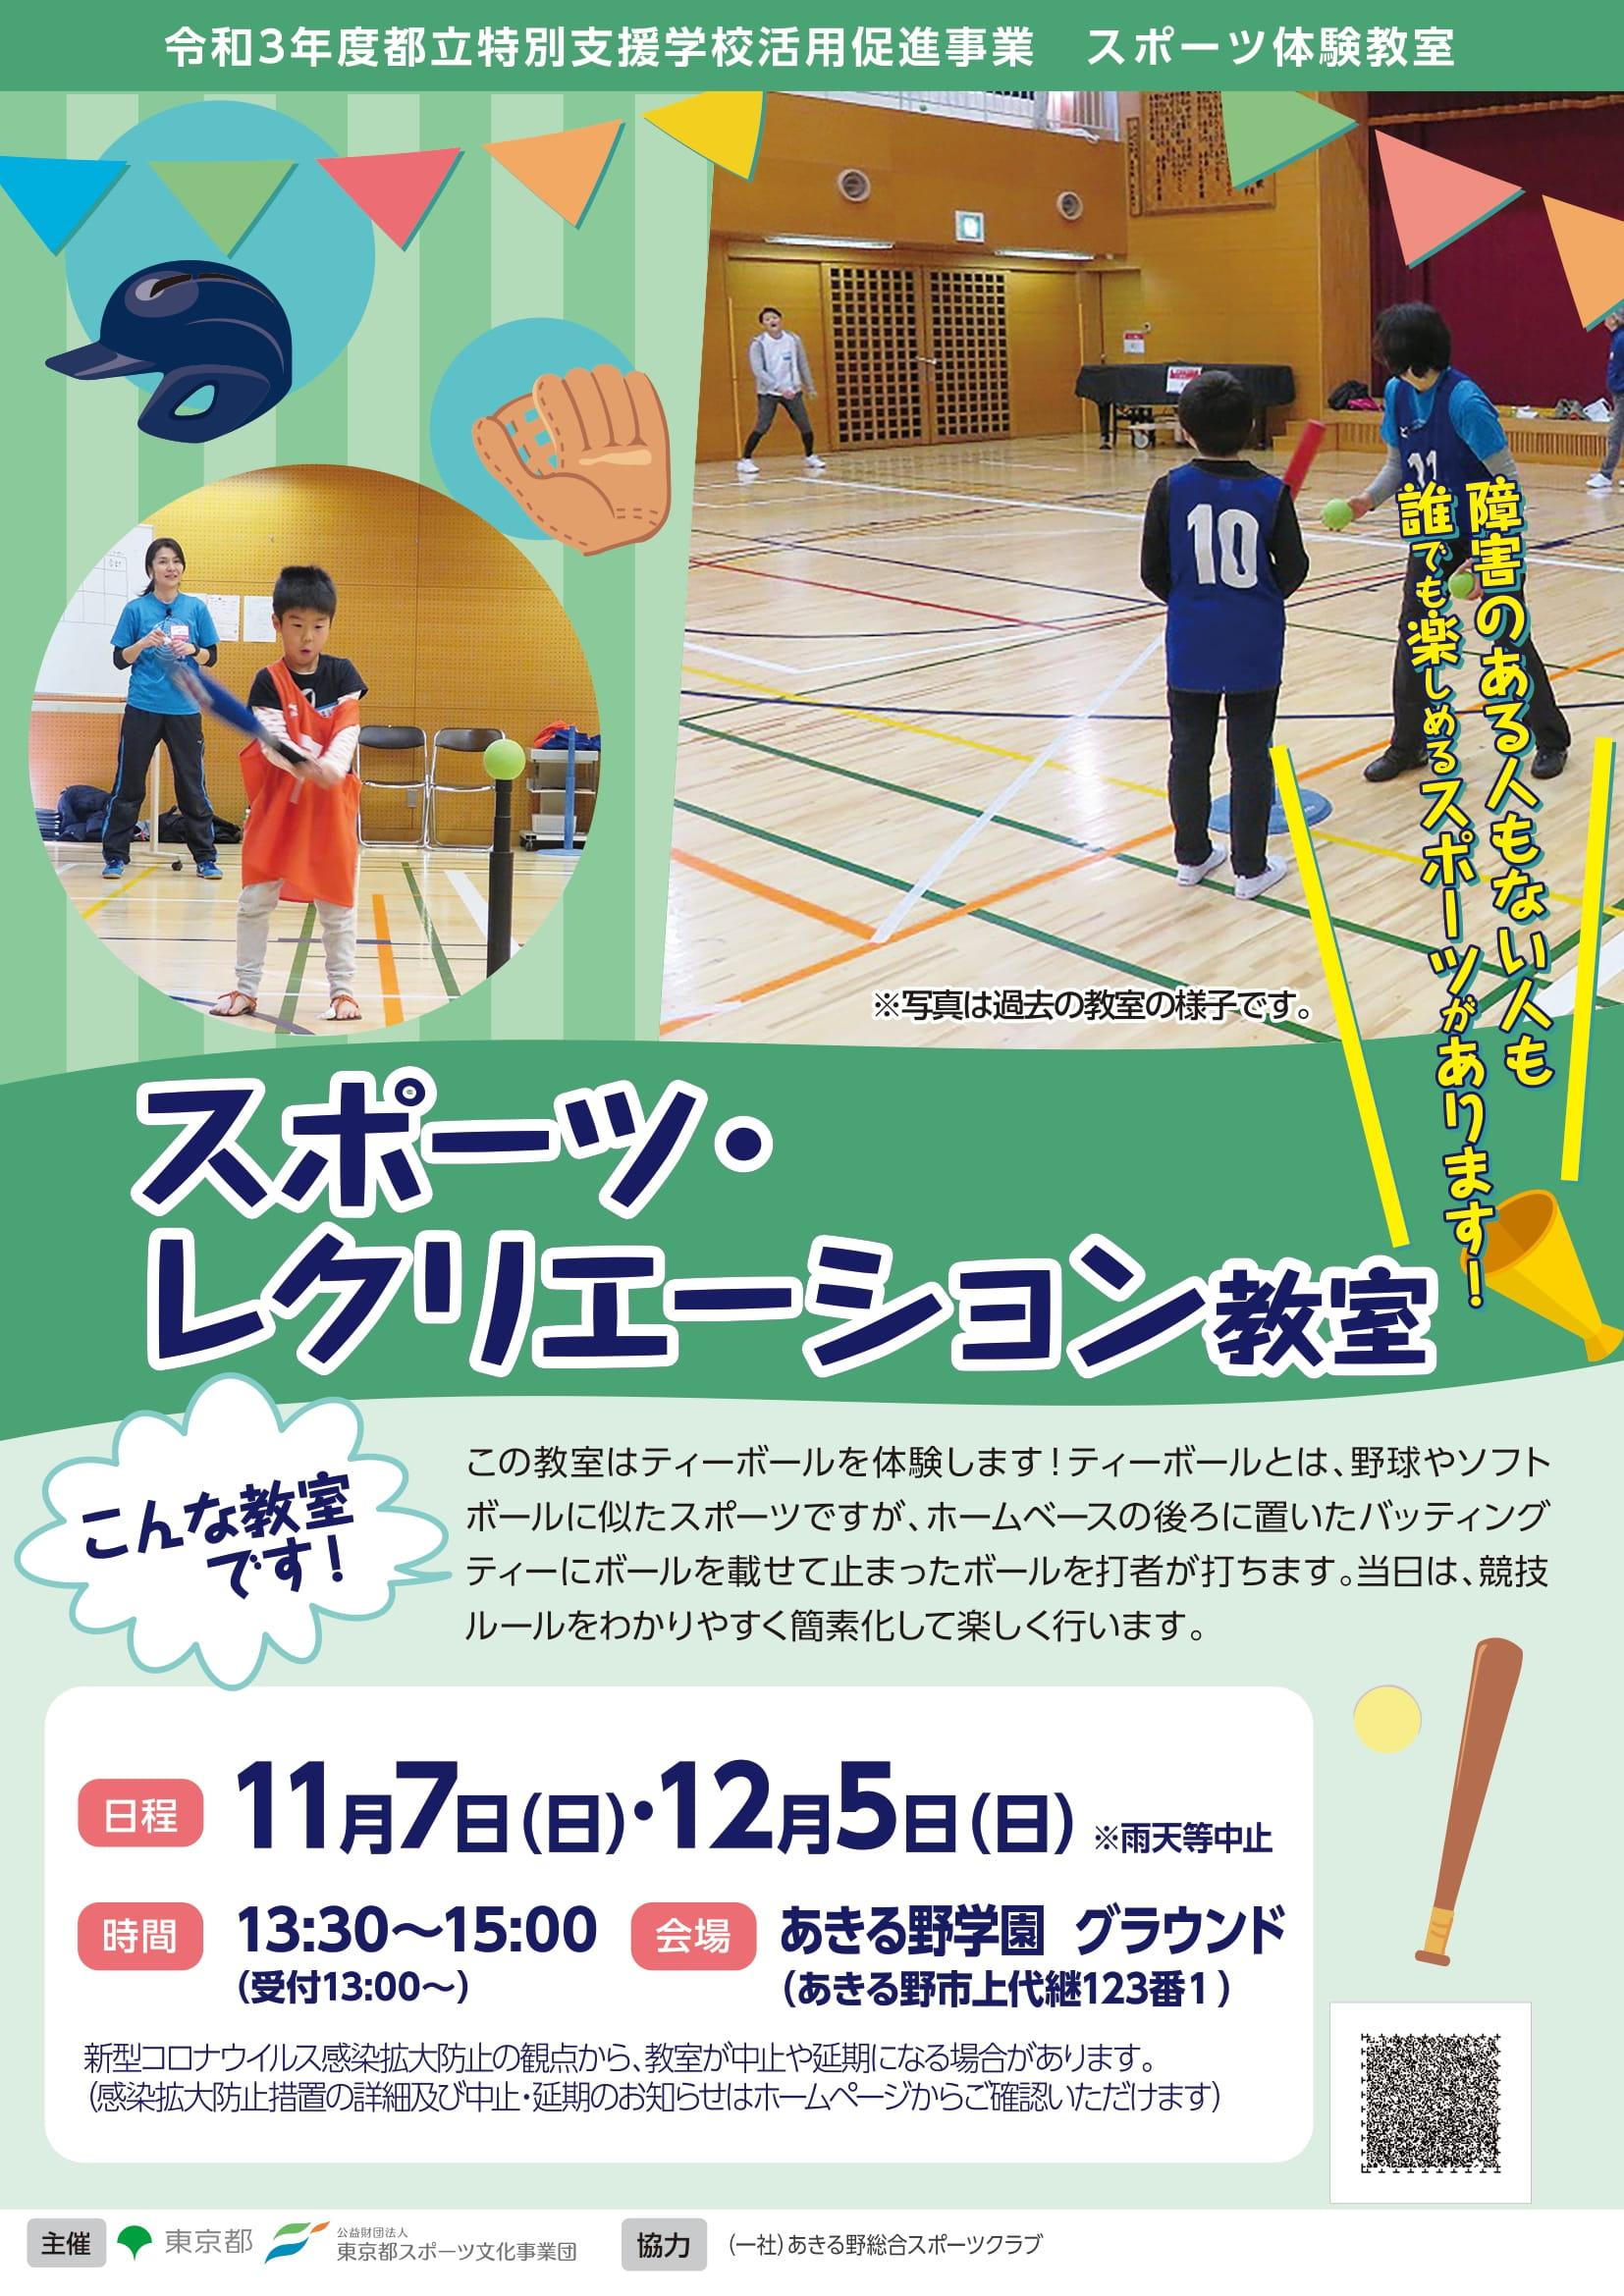 スポーツ・レクリエーション教室【あきる野】